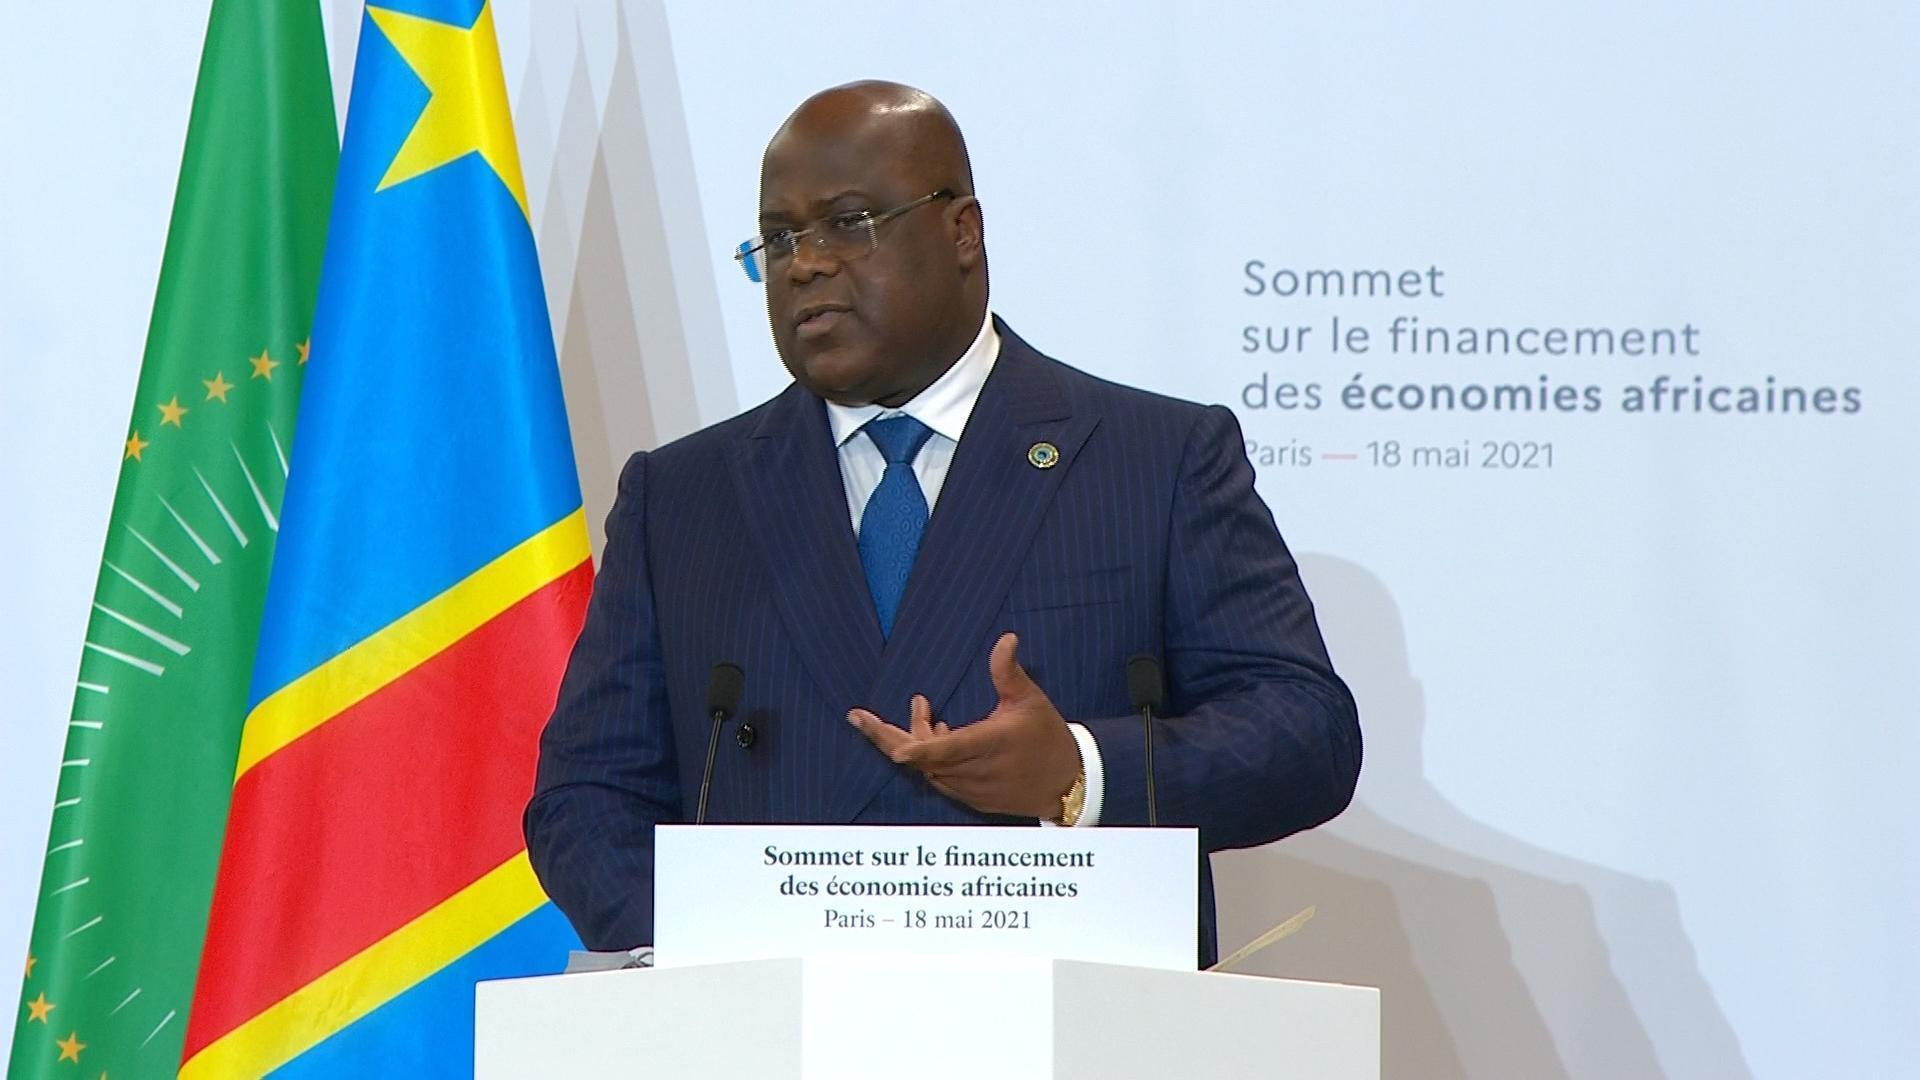 Économies africaines : un sommet pour sortir de la crise